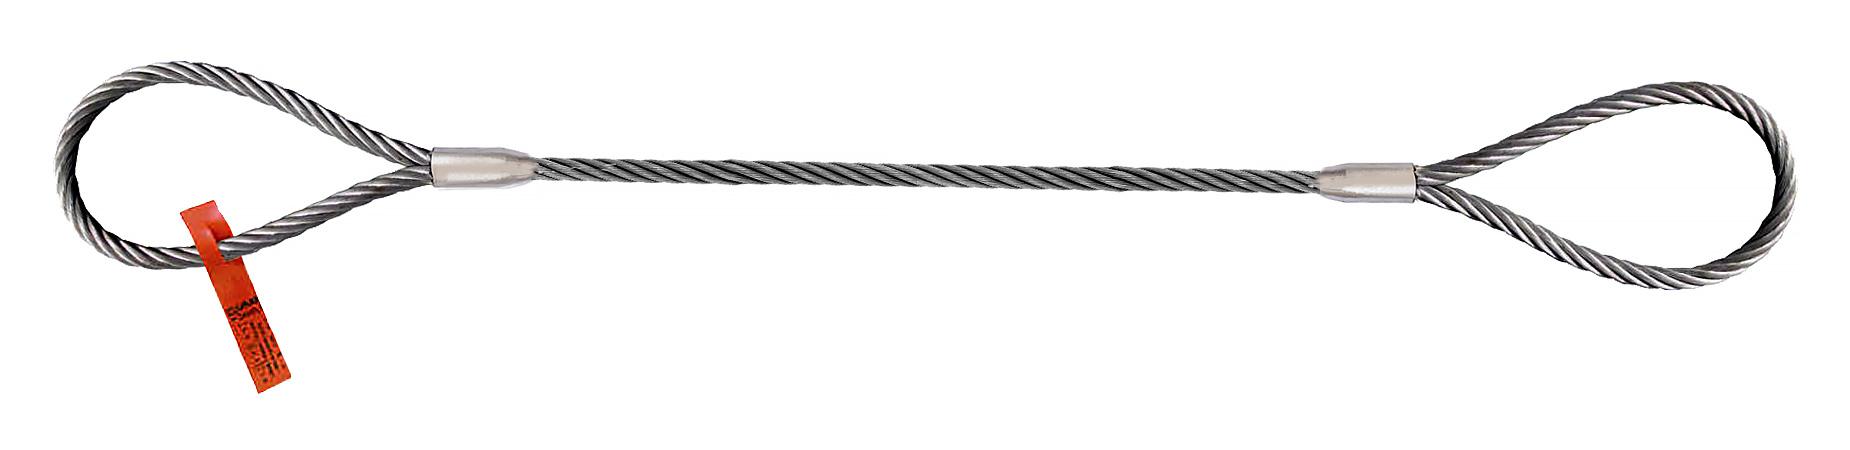 12 ft Steel Eye and Eye 3//4 Diameter Wire Rope Sling